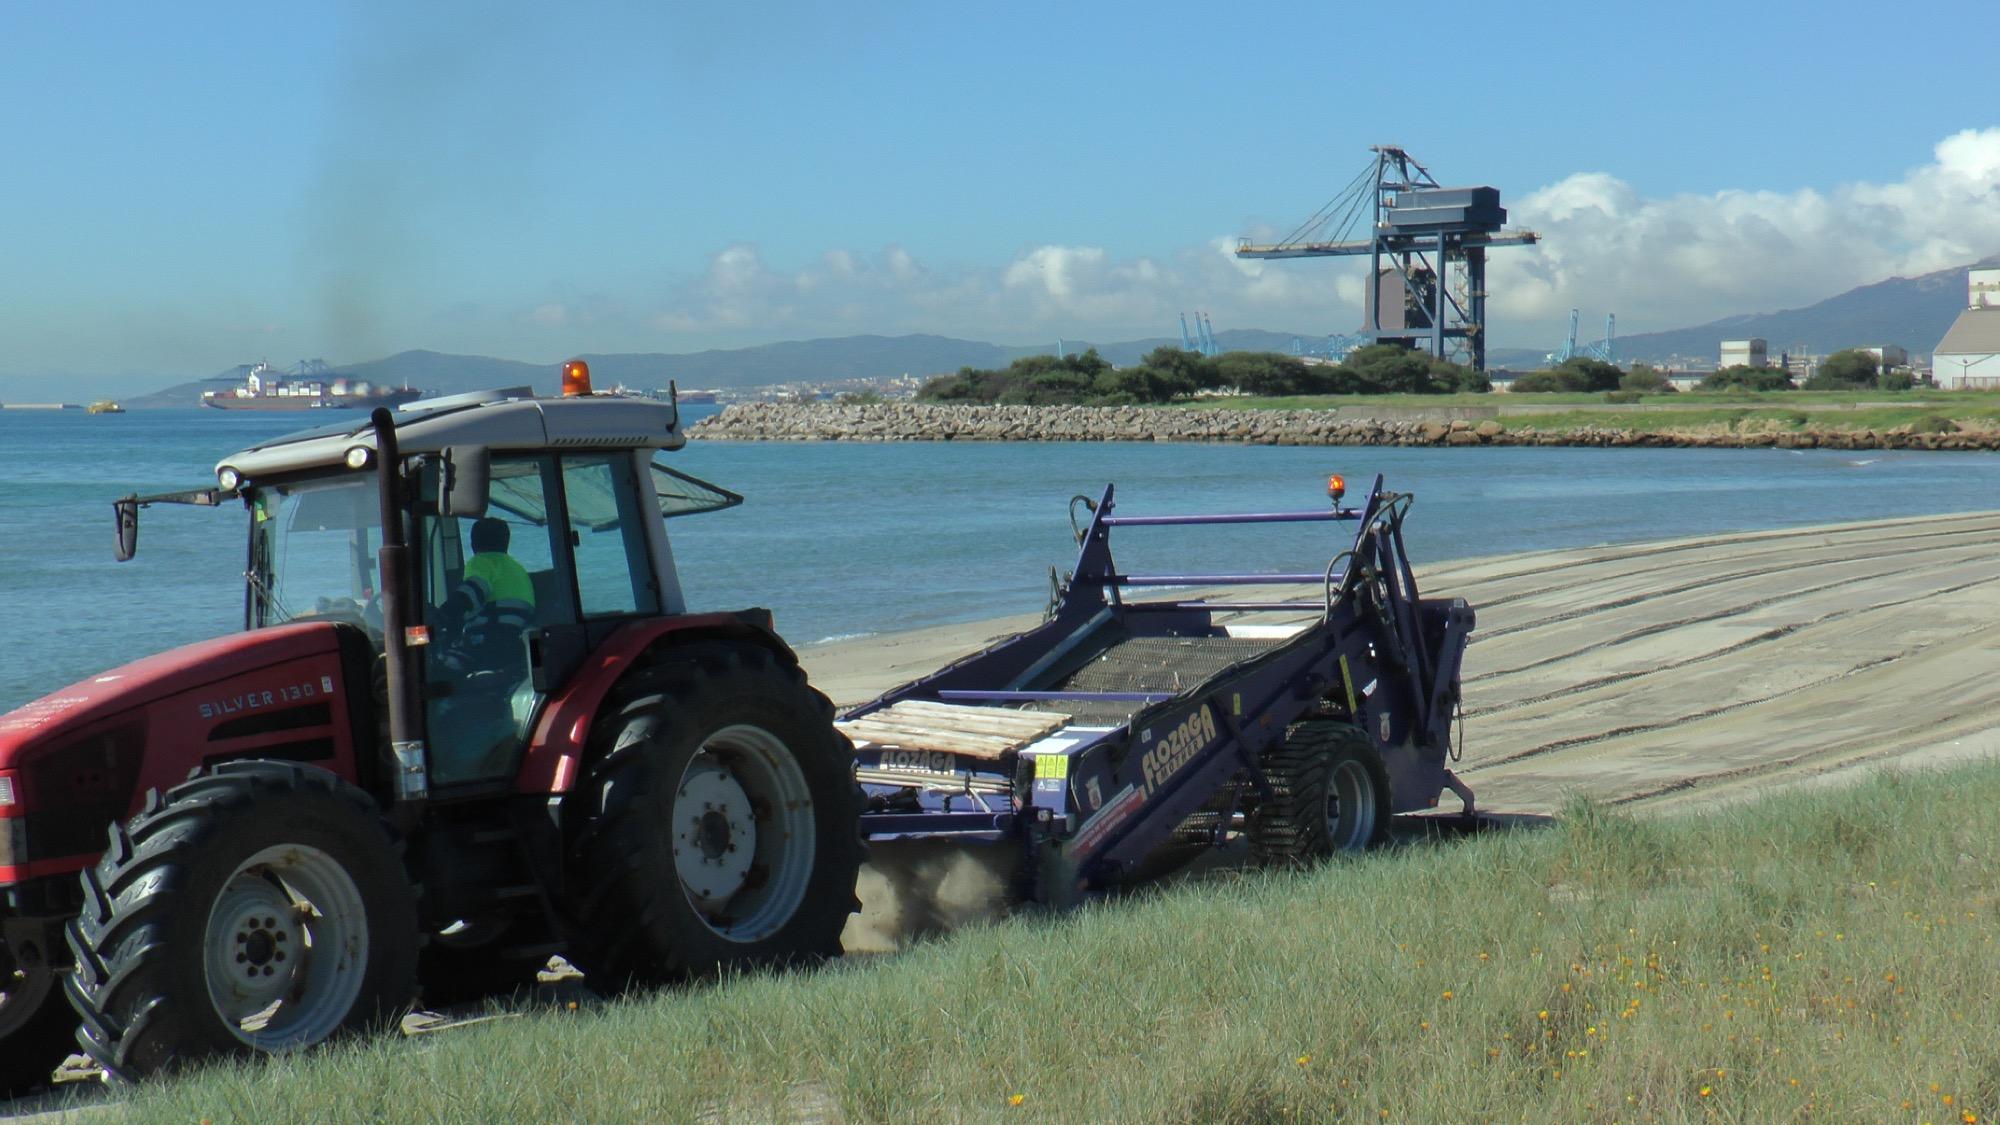 Limpieza en una de las playas de San Roque